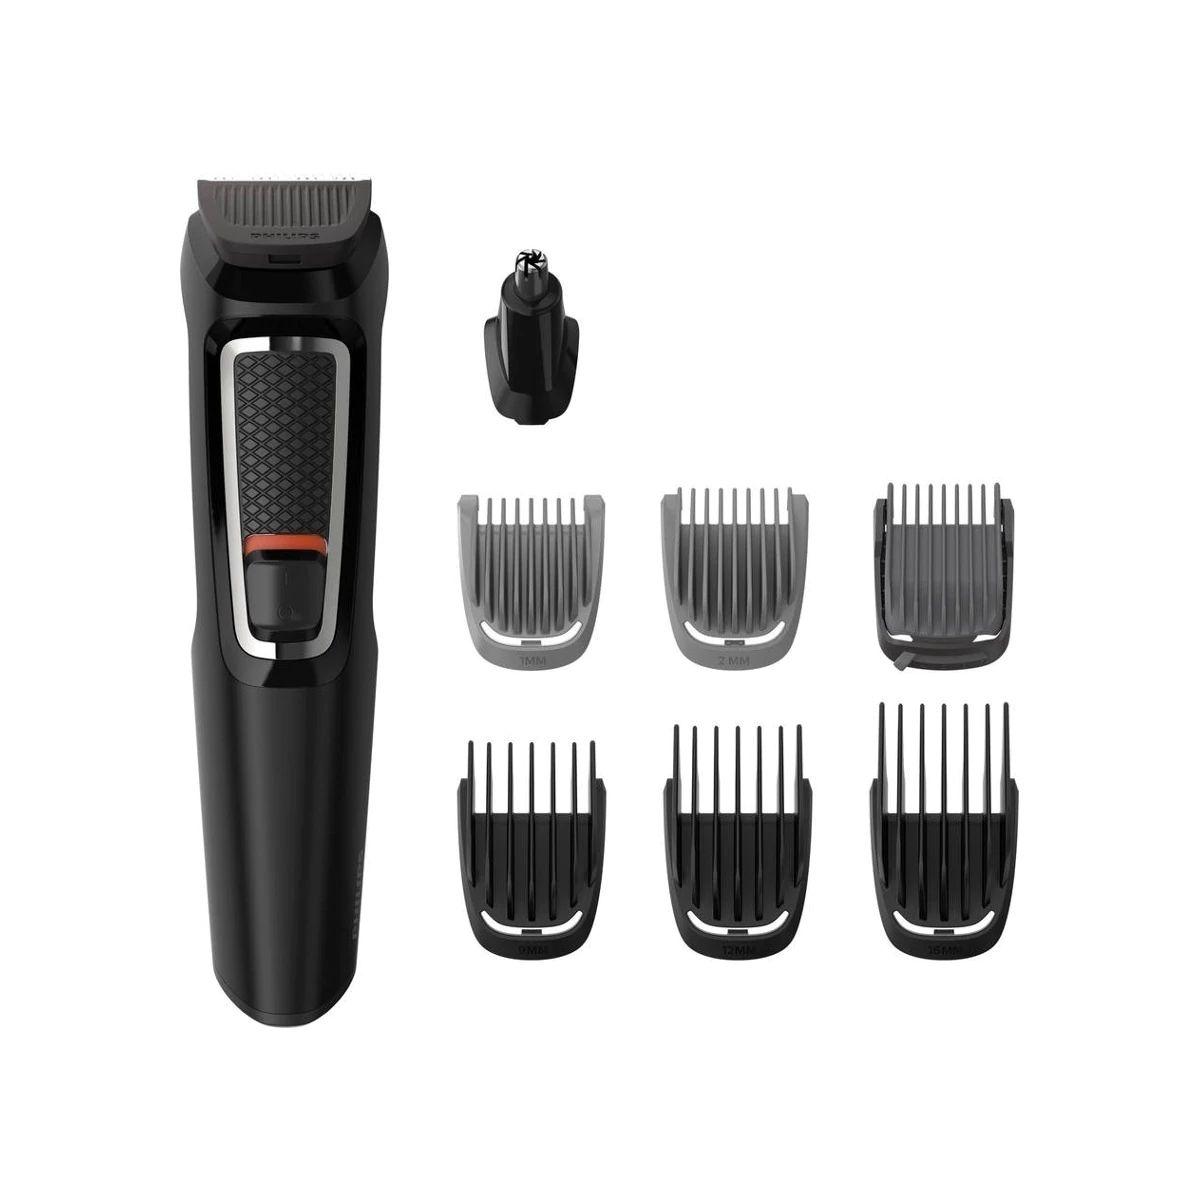 Recortadora de barba y cortapelos Philips serie 3000 8 en 1